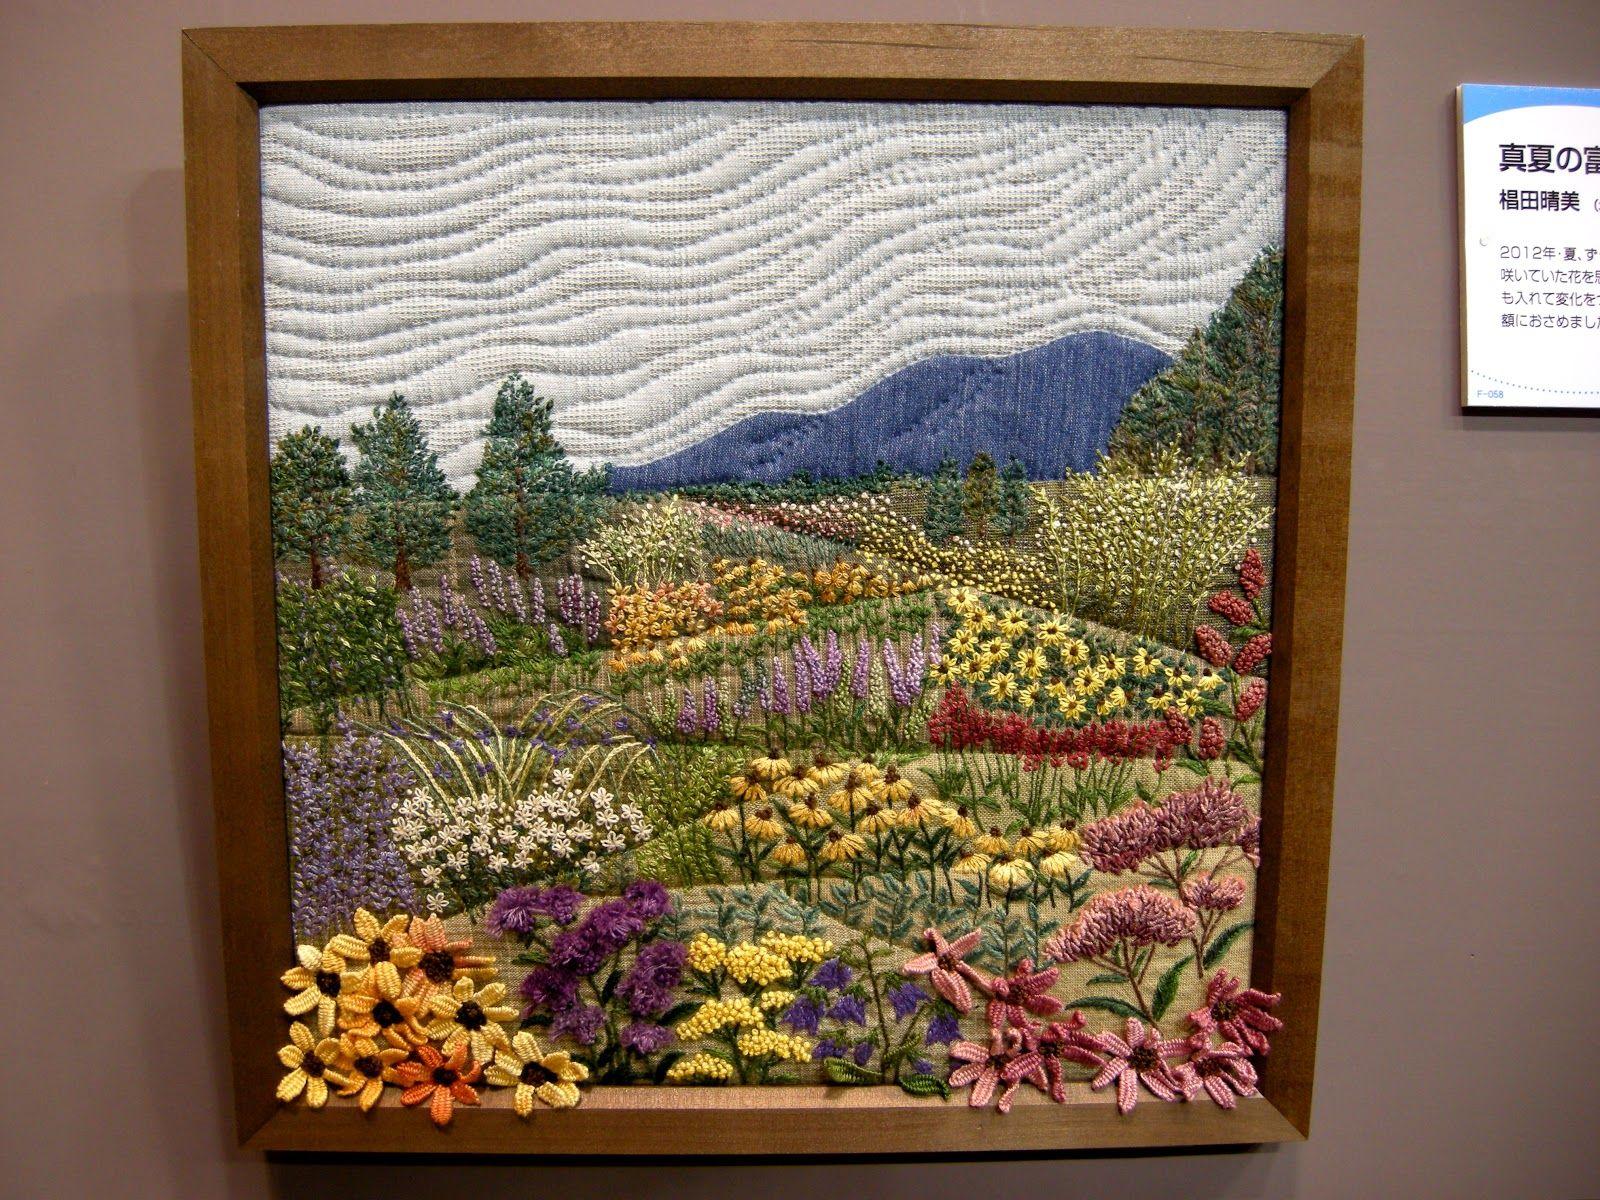 DSCN5175.JPG (1600×1200) | Haft | Pinterest | Landscape quilts ... : framed quilt art - Adamdwight.com